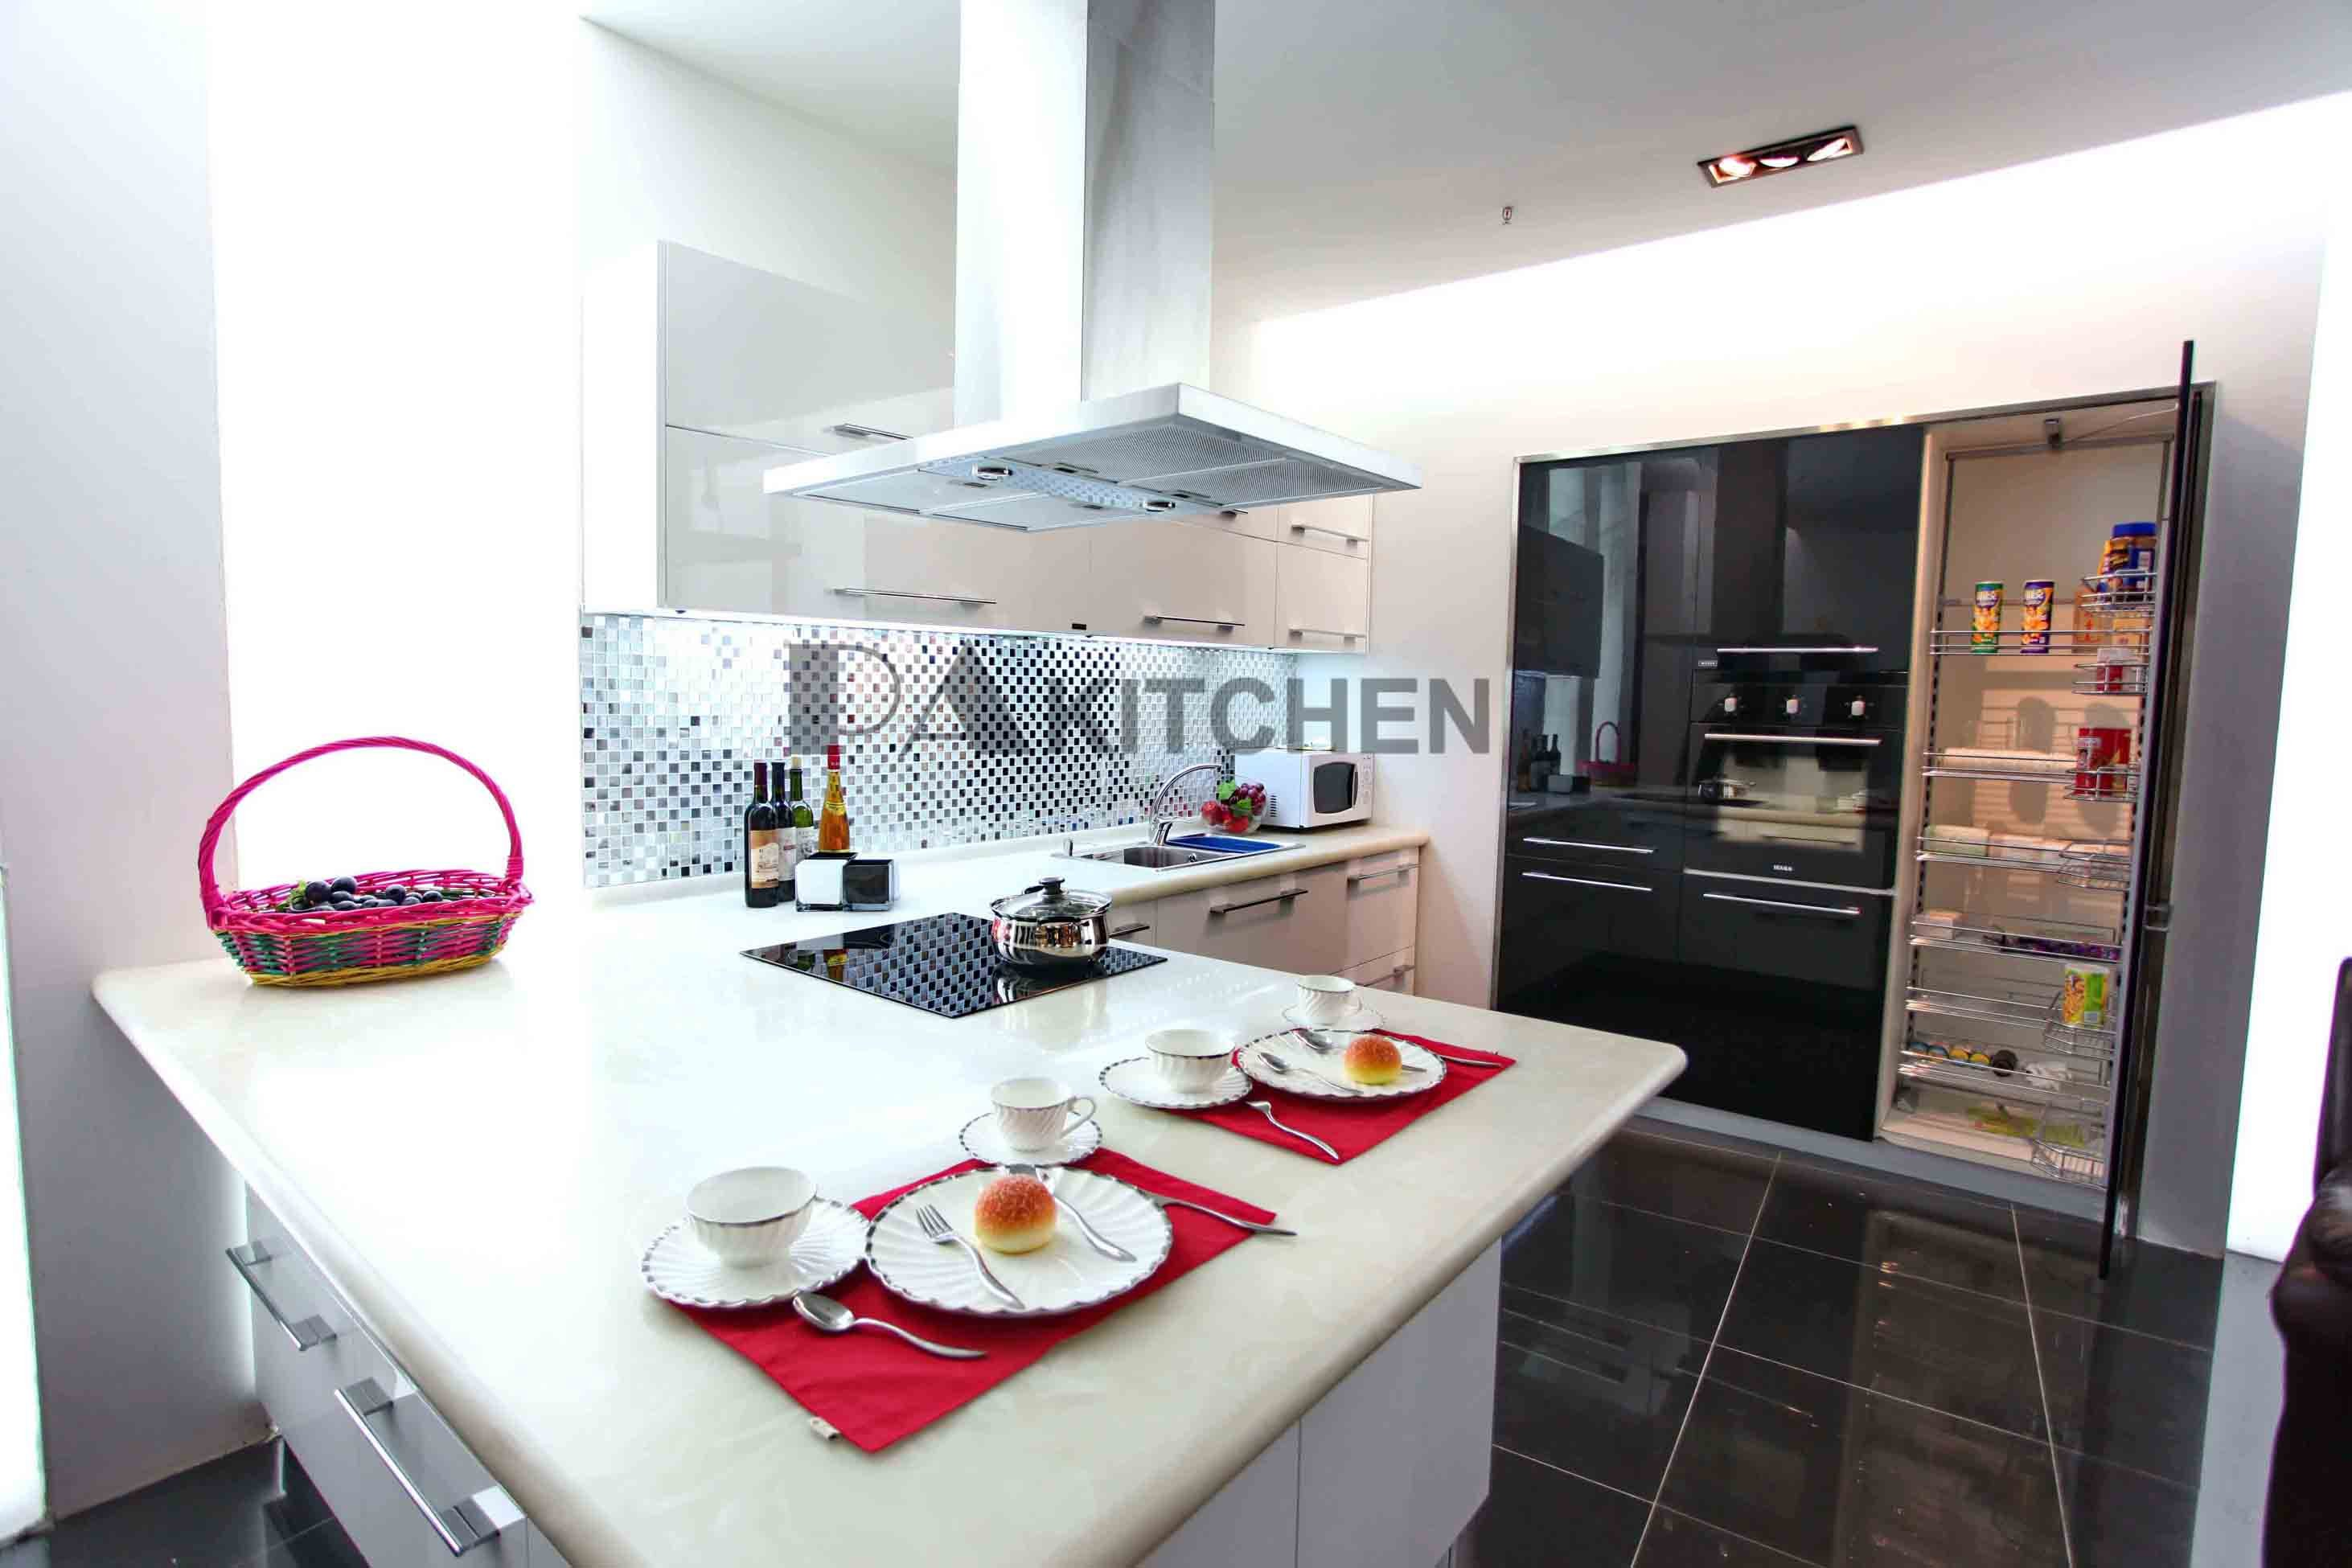 #B31834 vários armários de cozinha em Armários de Cozinha de Melhorias na  2925x1950 px Melhorias Na Cozinha_457 Imagens